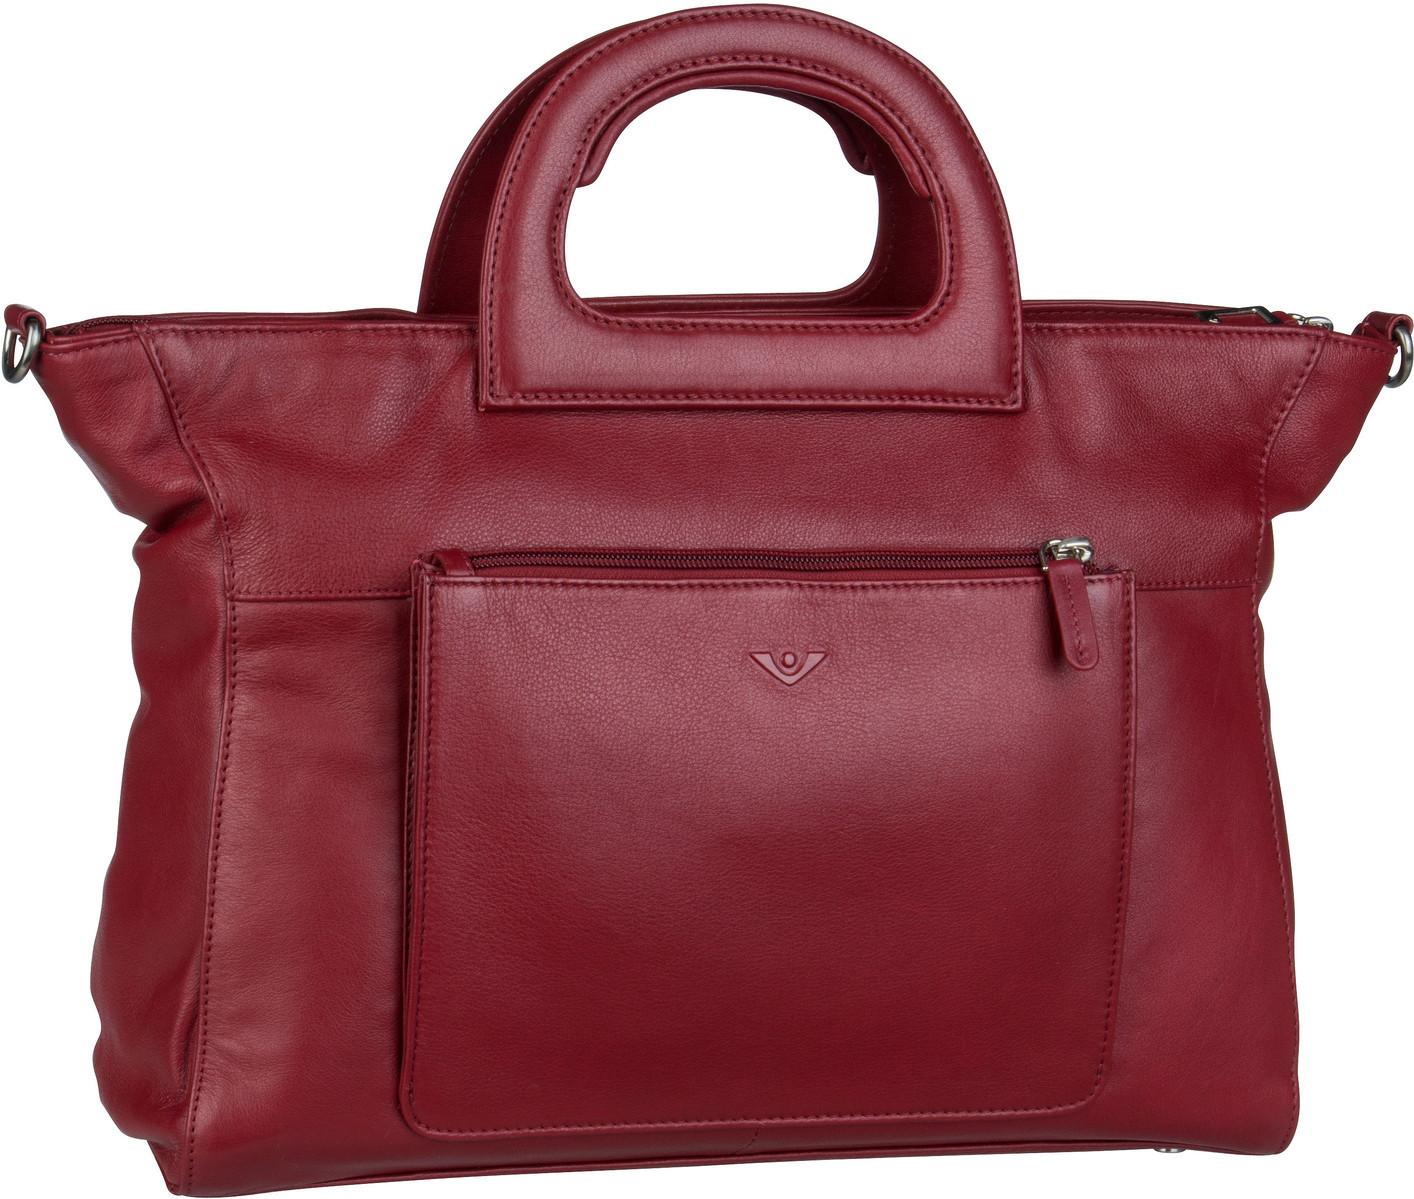 Voi Handtasche Soft 21552 Kurzgrifftasche Granat